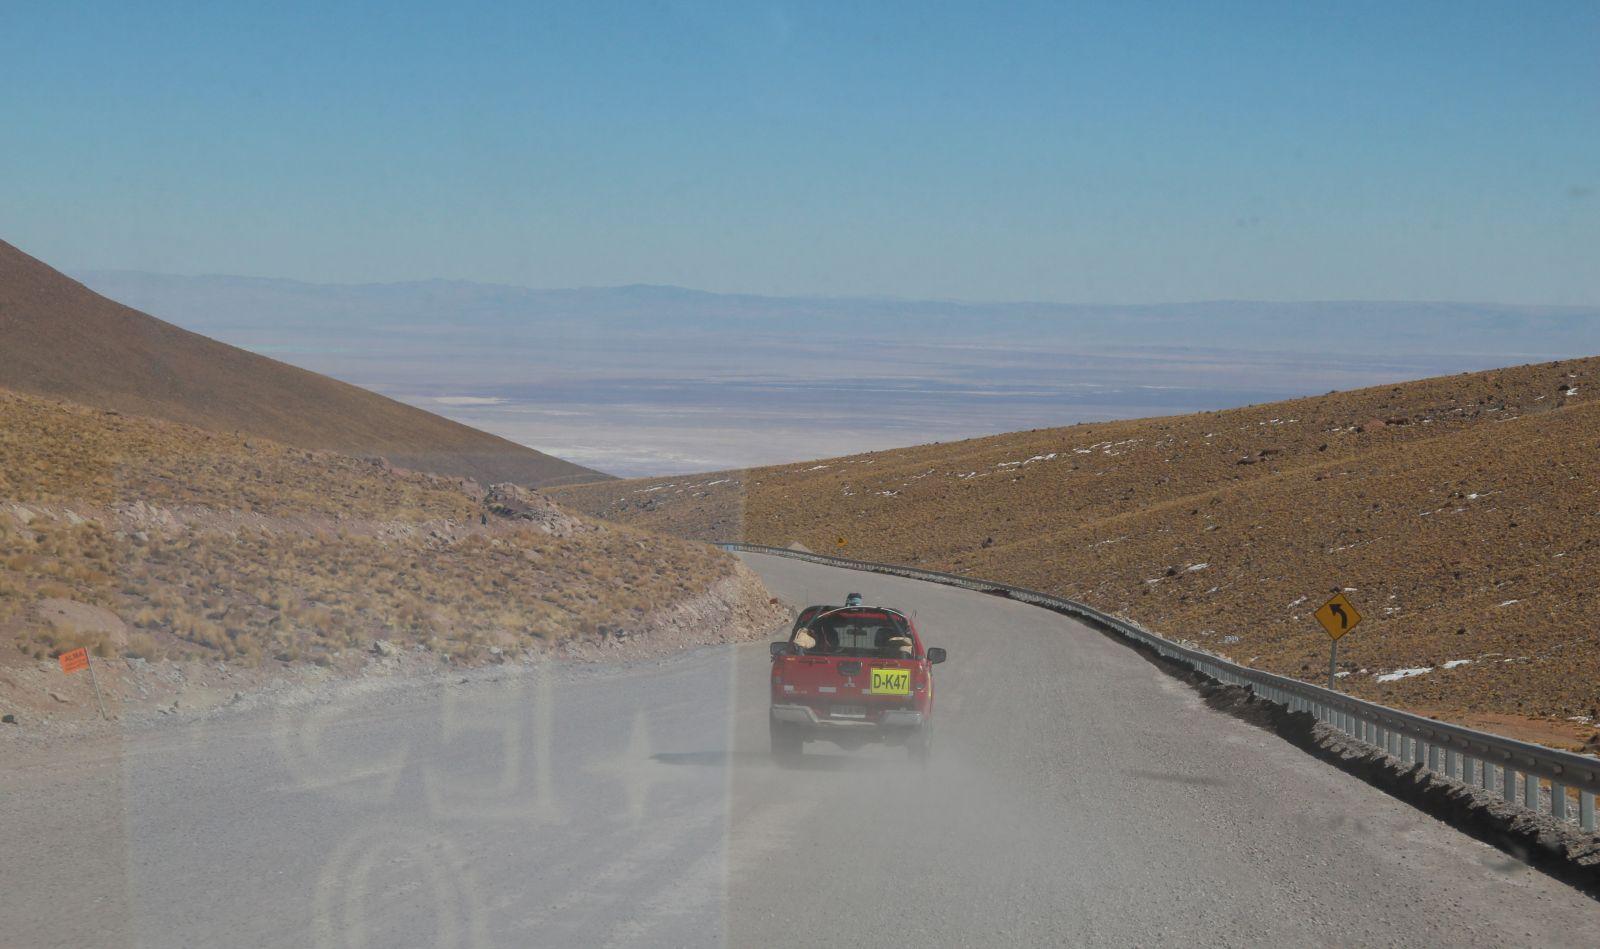 Auf dem Weg von der High Site zur OSF. Bild: Georg Görgen